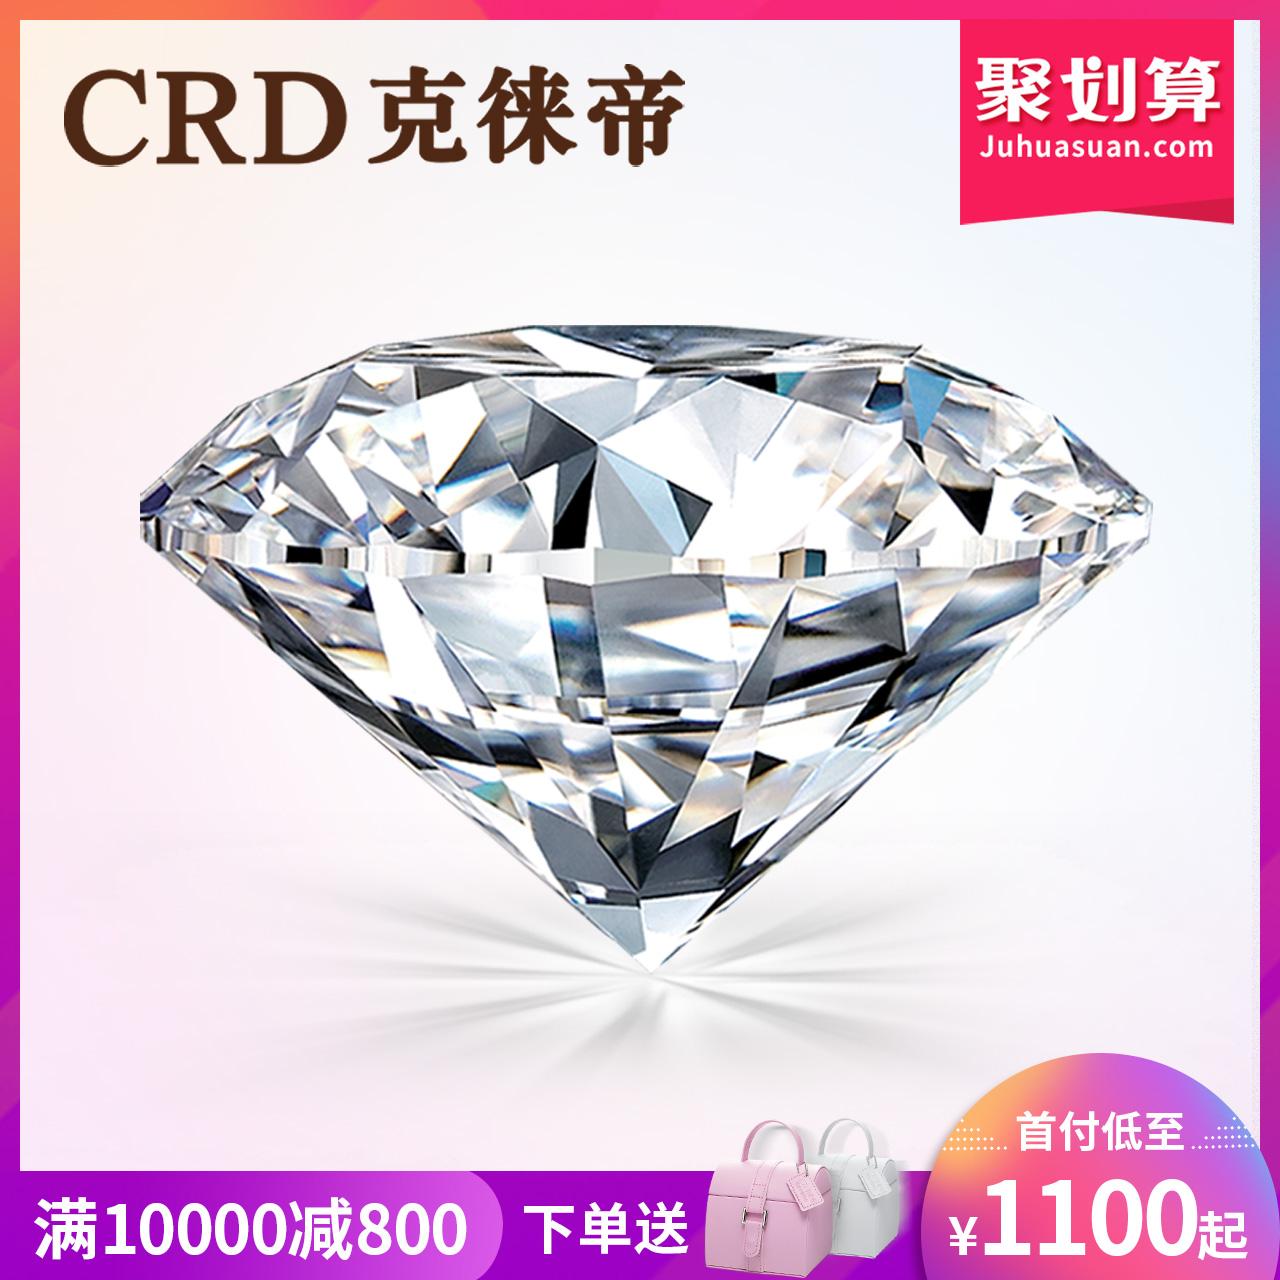 CRD/ грамм Лай император gia бриллиантов сделанный на заказ 30 филиал 50 очки карат 2 карат алмаз кольцо выйти замуж сдаваться бриллиантовое кольцо женщина